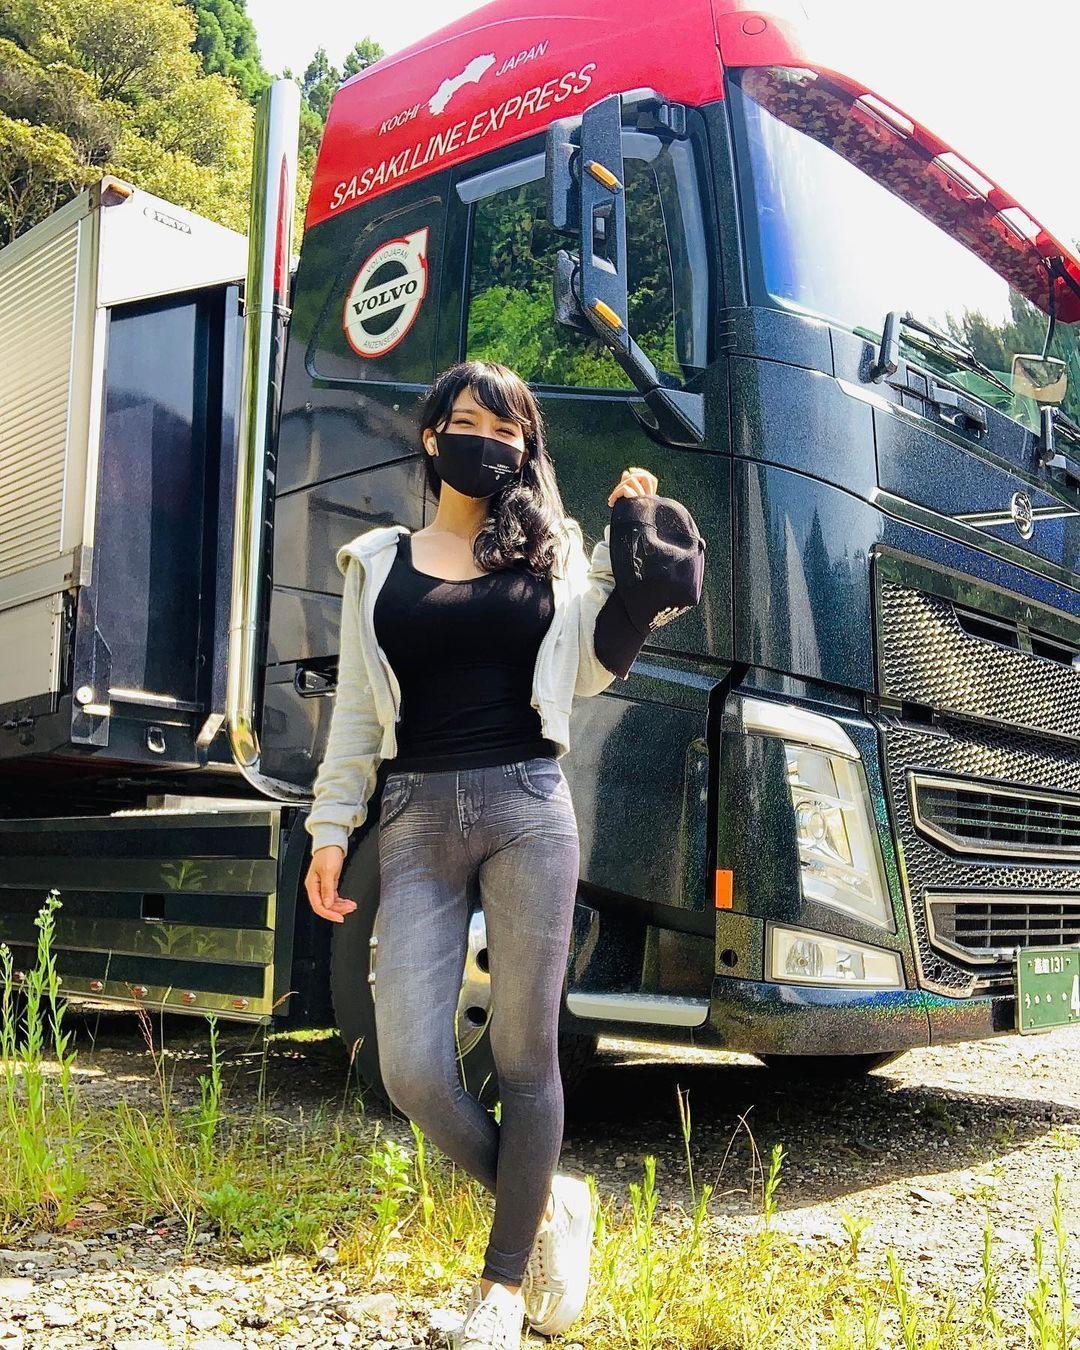 有够凶.「美女卡车司机」跑车小蛮腰身段太性感 养眼图片 第5张